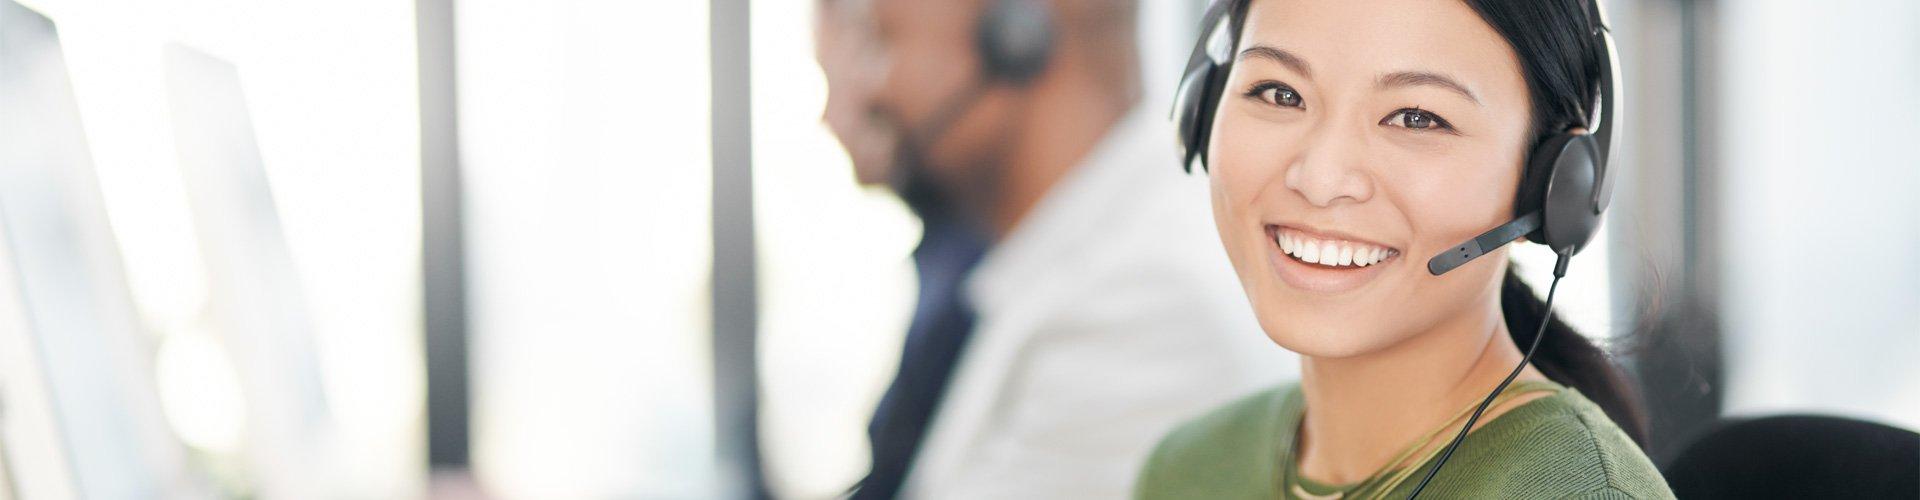 Kobieta rozmawiająca przez telefon i pomagająca klientowi z jego aparatami słuchowymi.